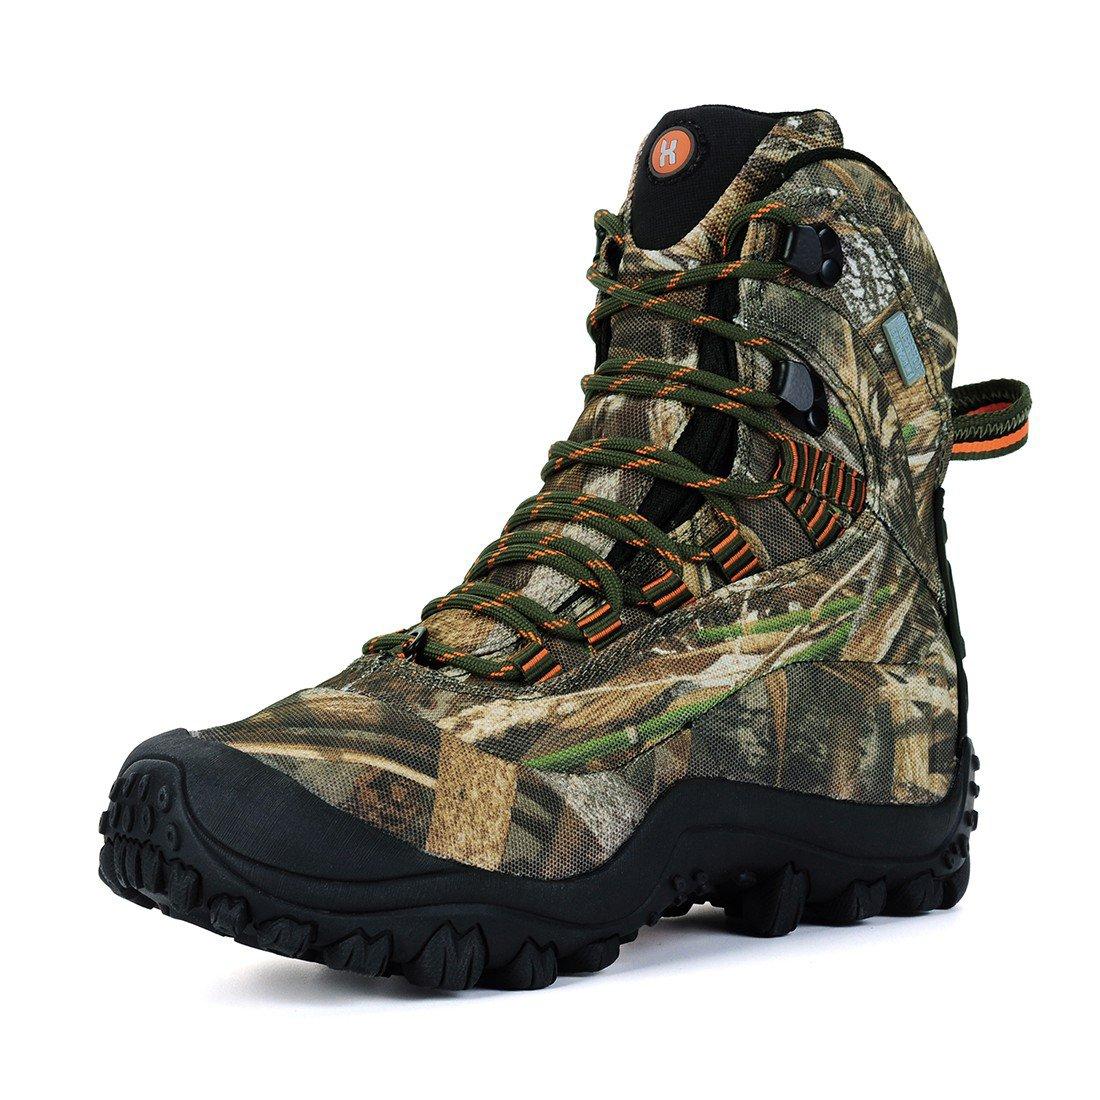 Manfen Women's Mid-Rise Waterproof Hiking Shoe US 7.5